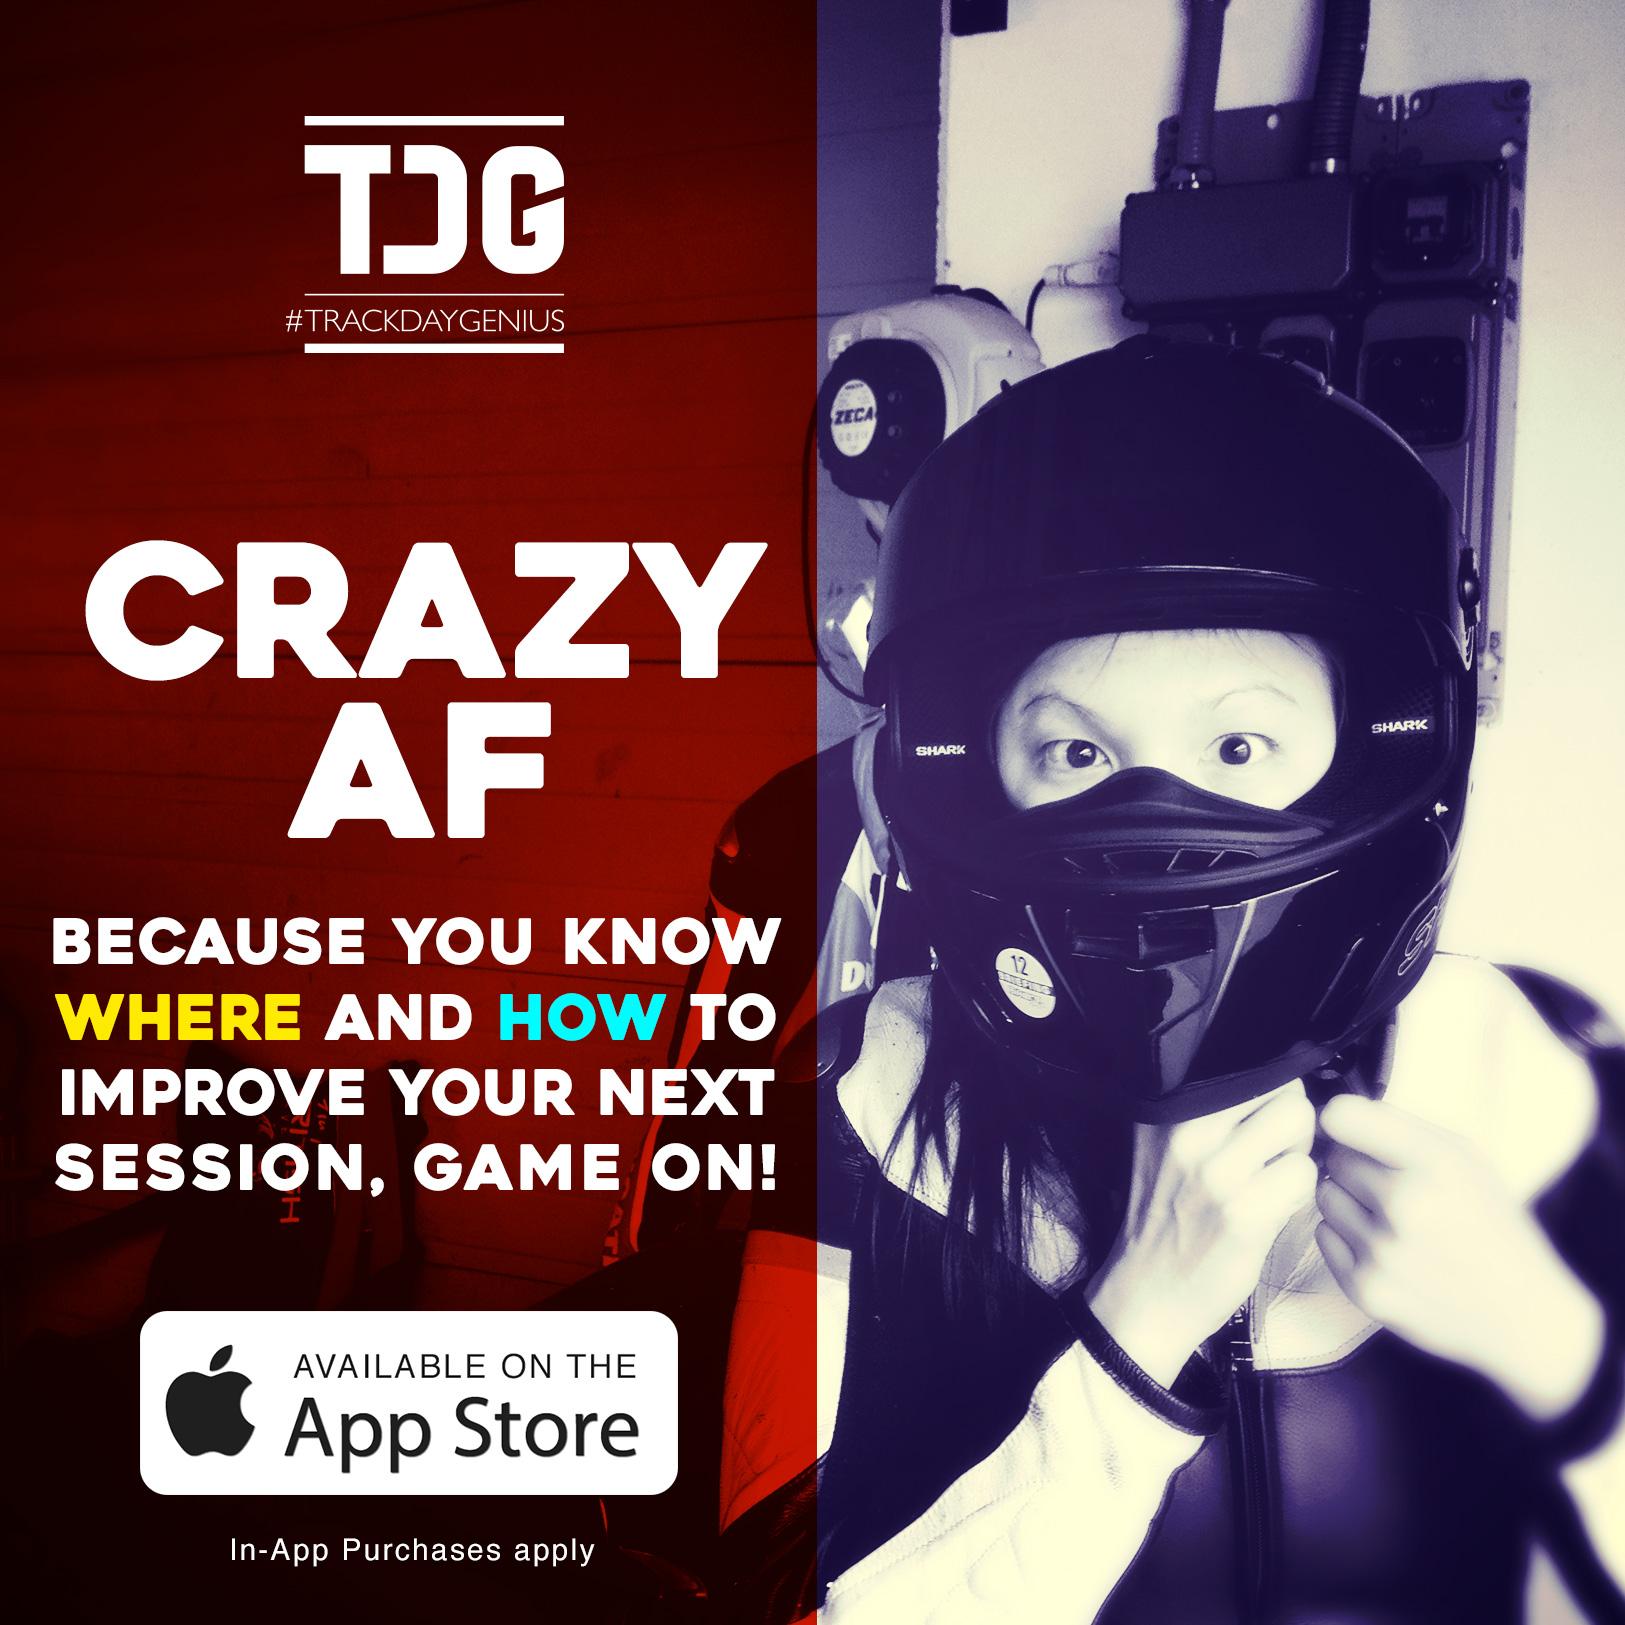 TDG-socialMediaPromos-crazyAF-sq